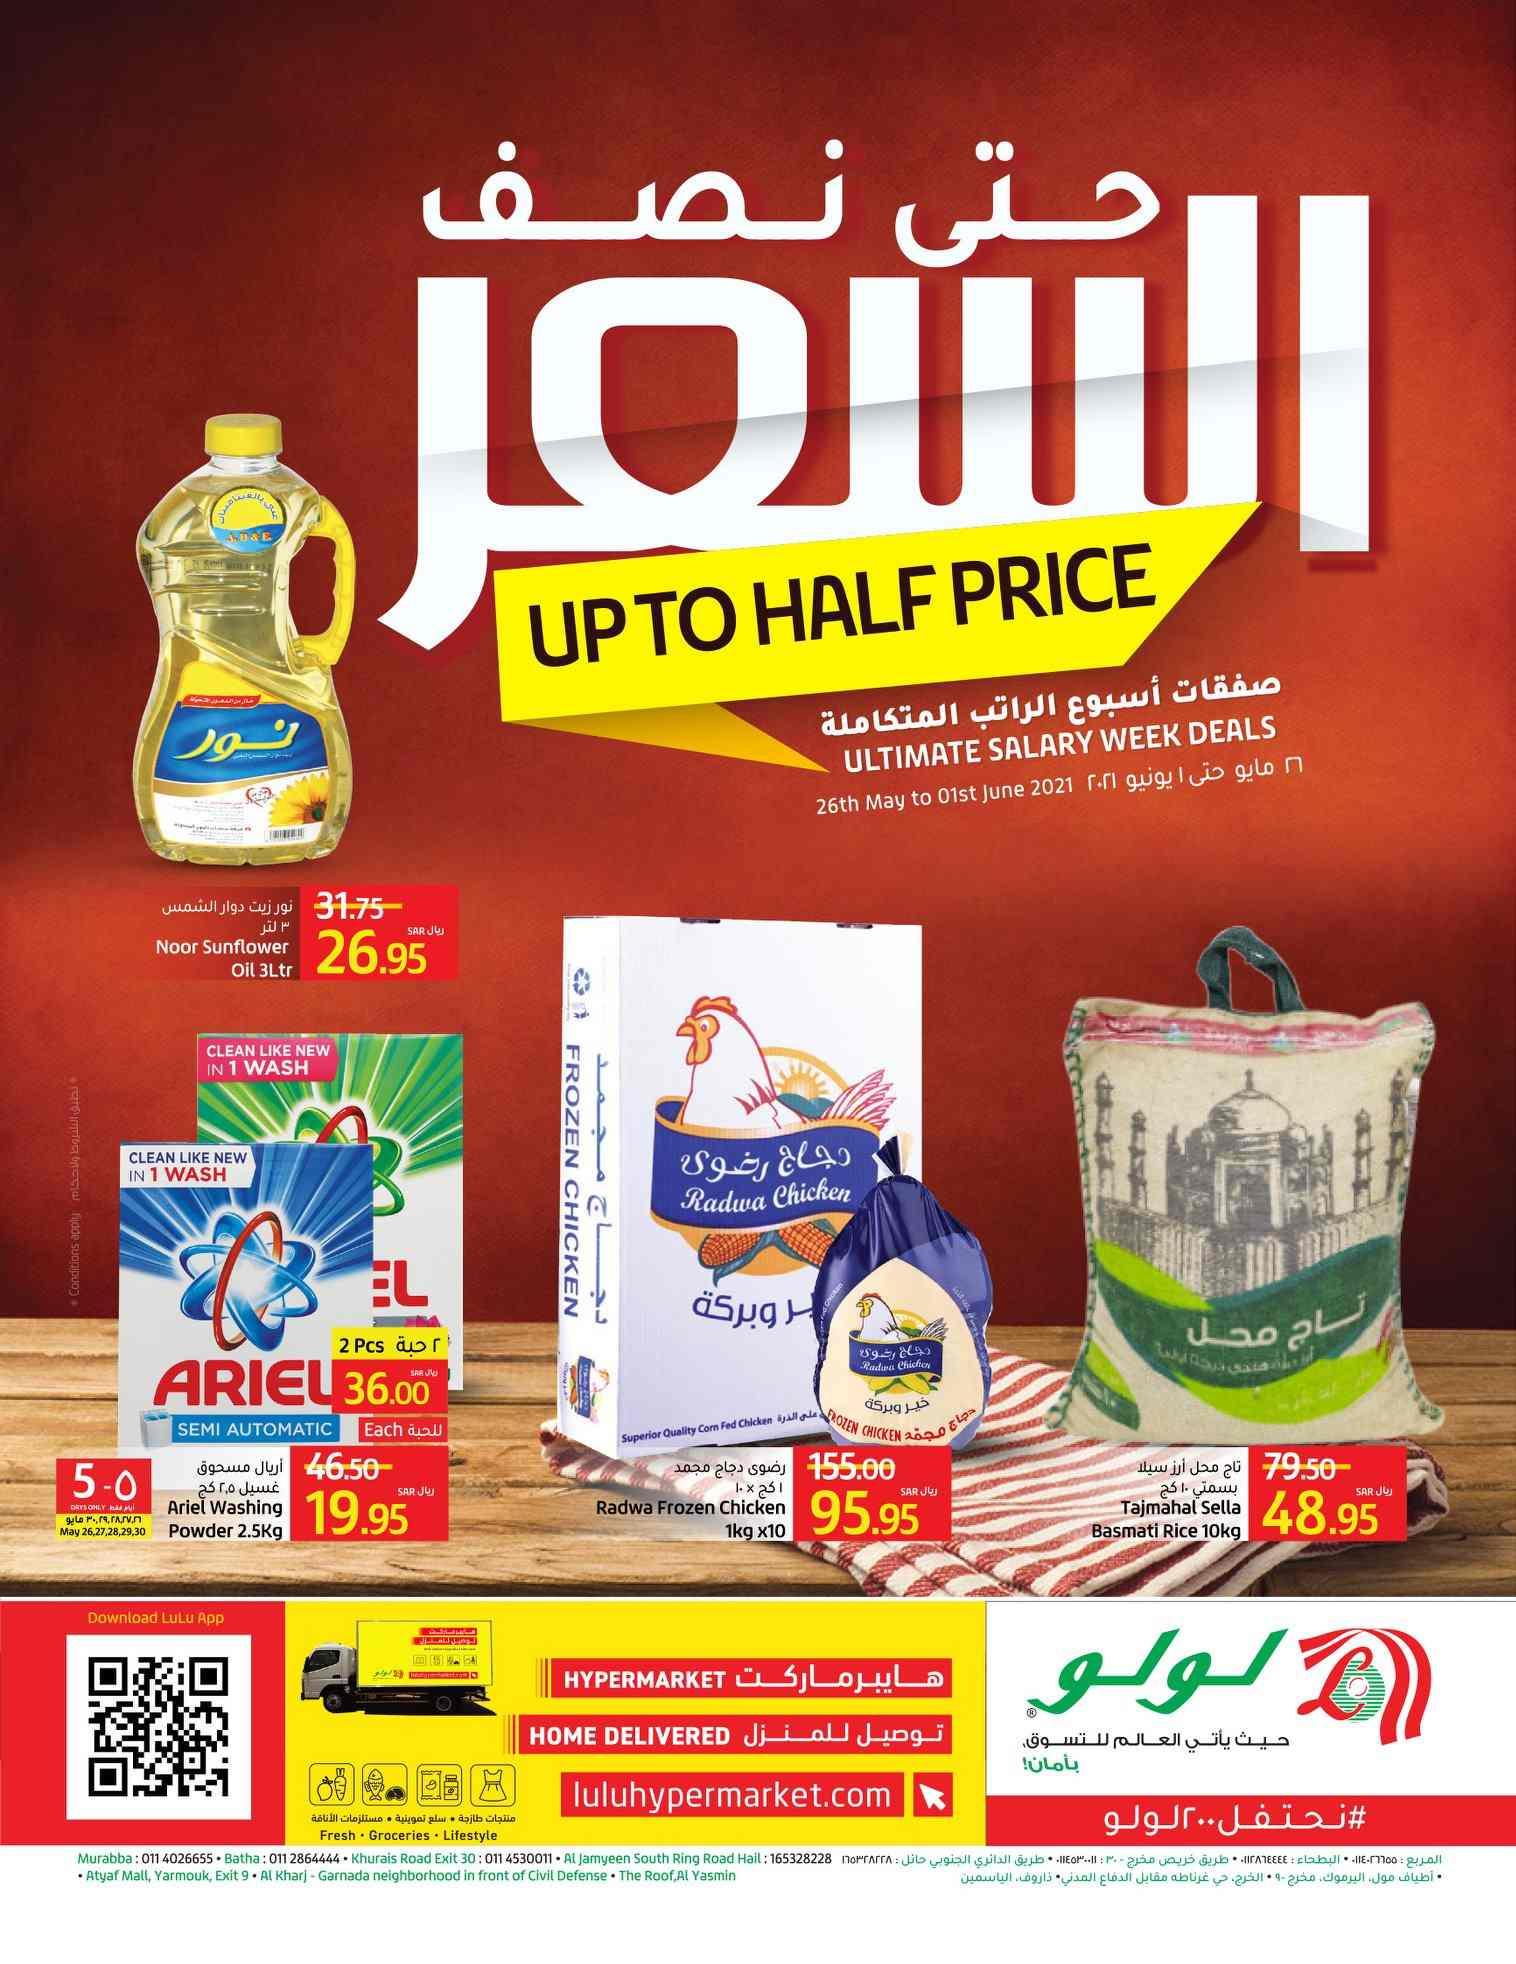 عروض لولو الرياض اليوم 26 مايو حتى 1 يونيو 2021 نصف السعر